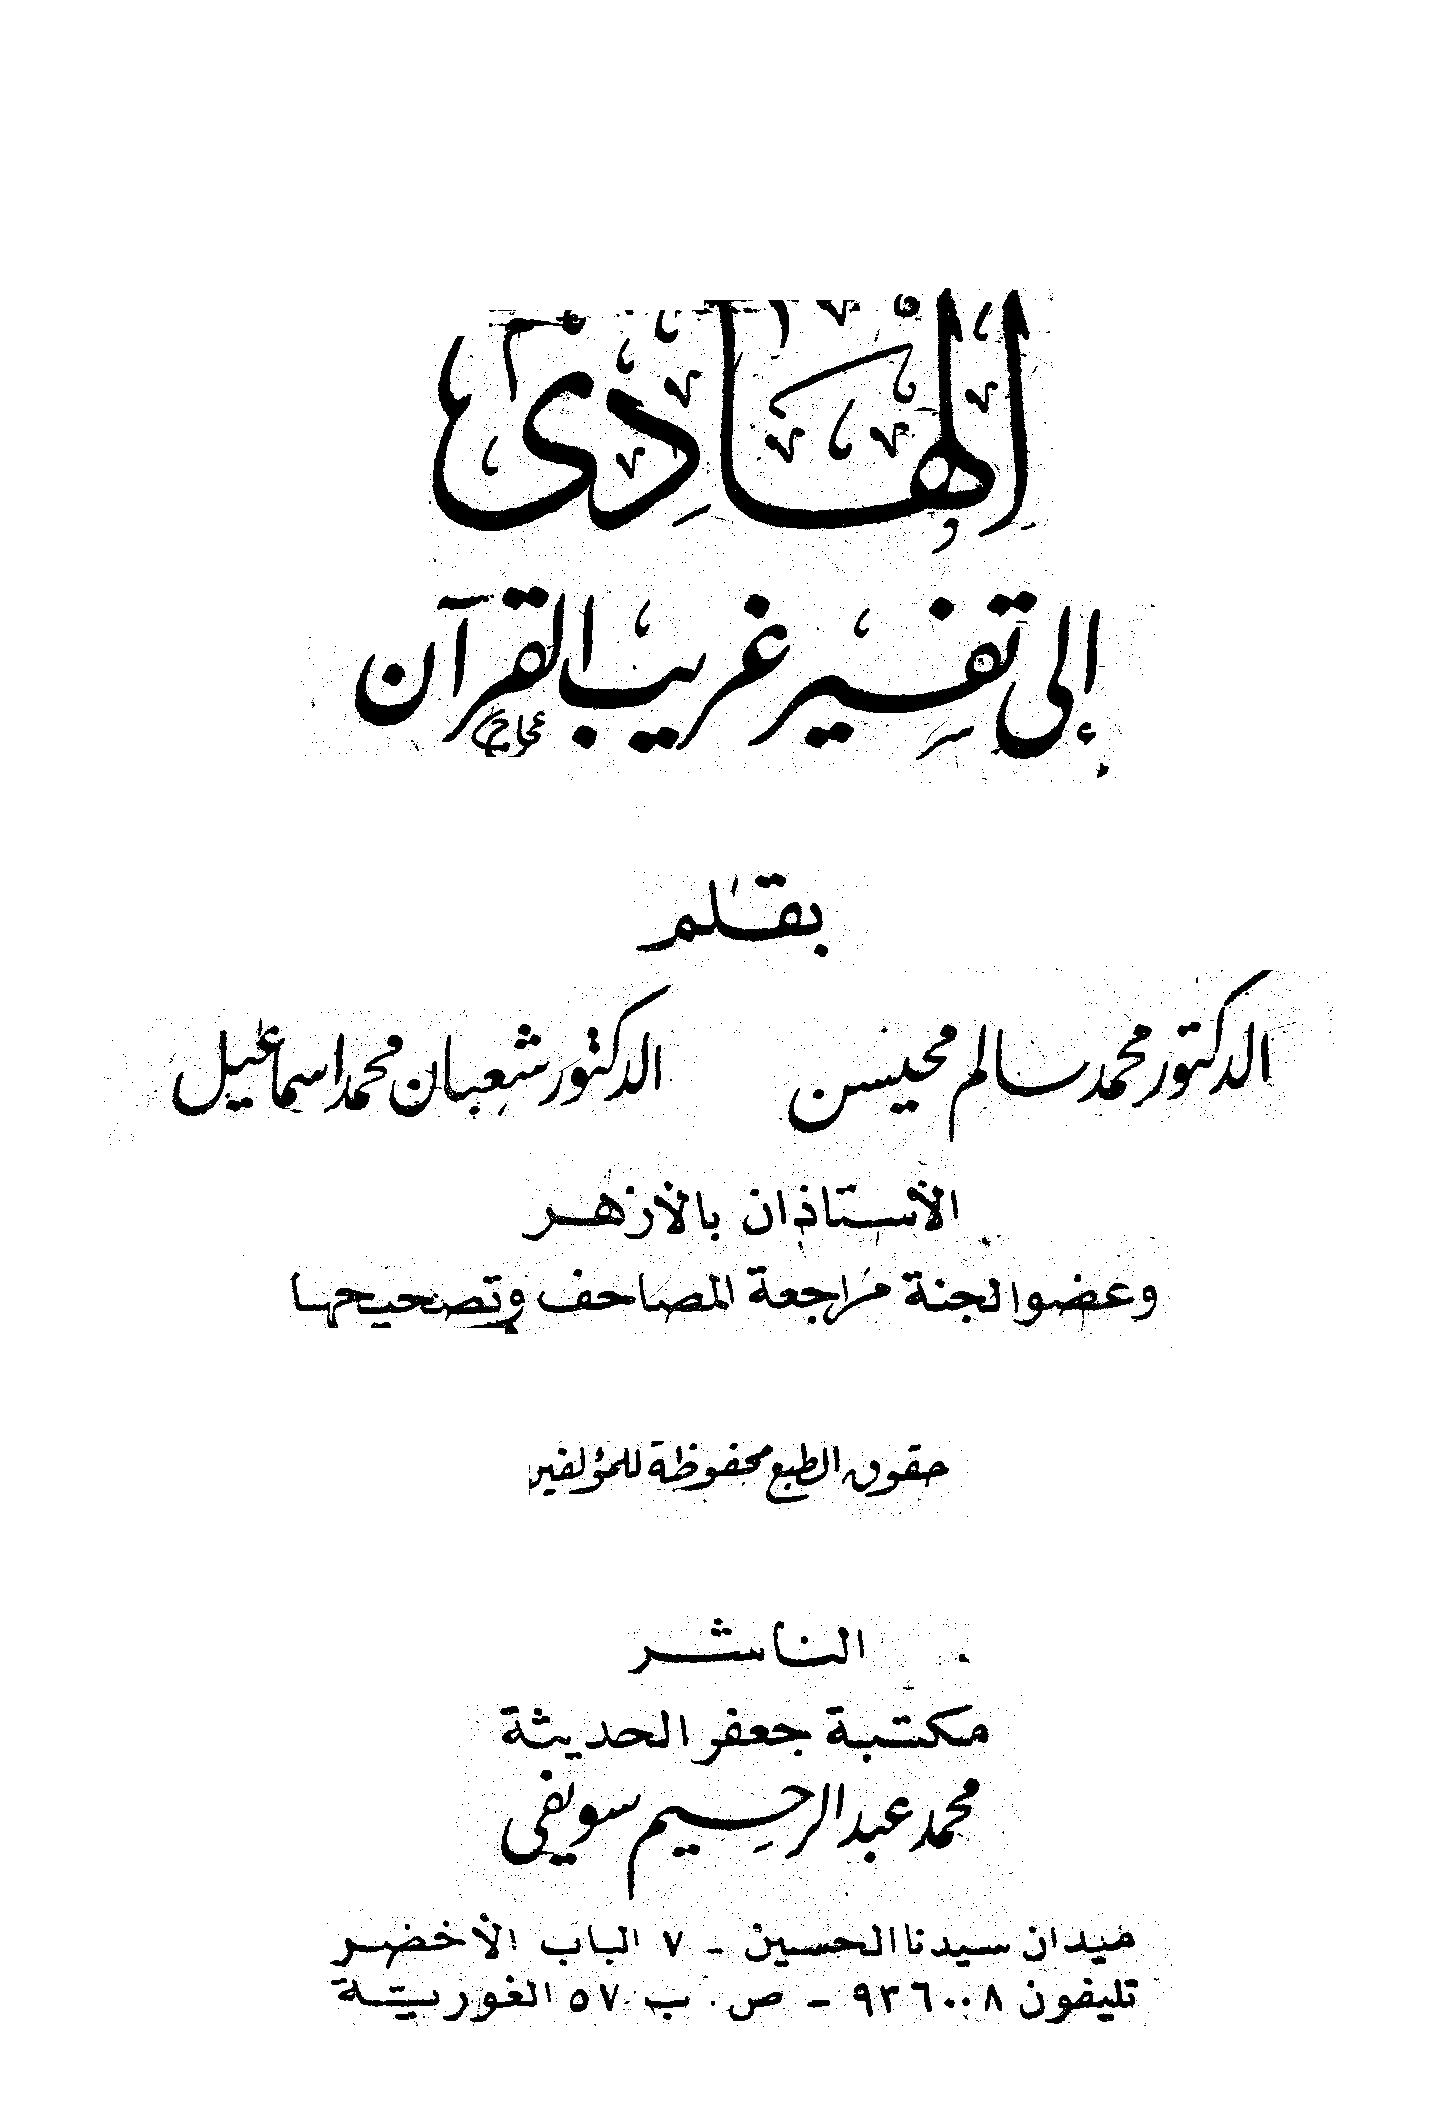 تحميل كتاب الهادي إلى تفسير غريب القرآن لـِ: الدكتور محمد محمد محمد سالم محيسن (ت 1422)